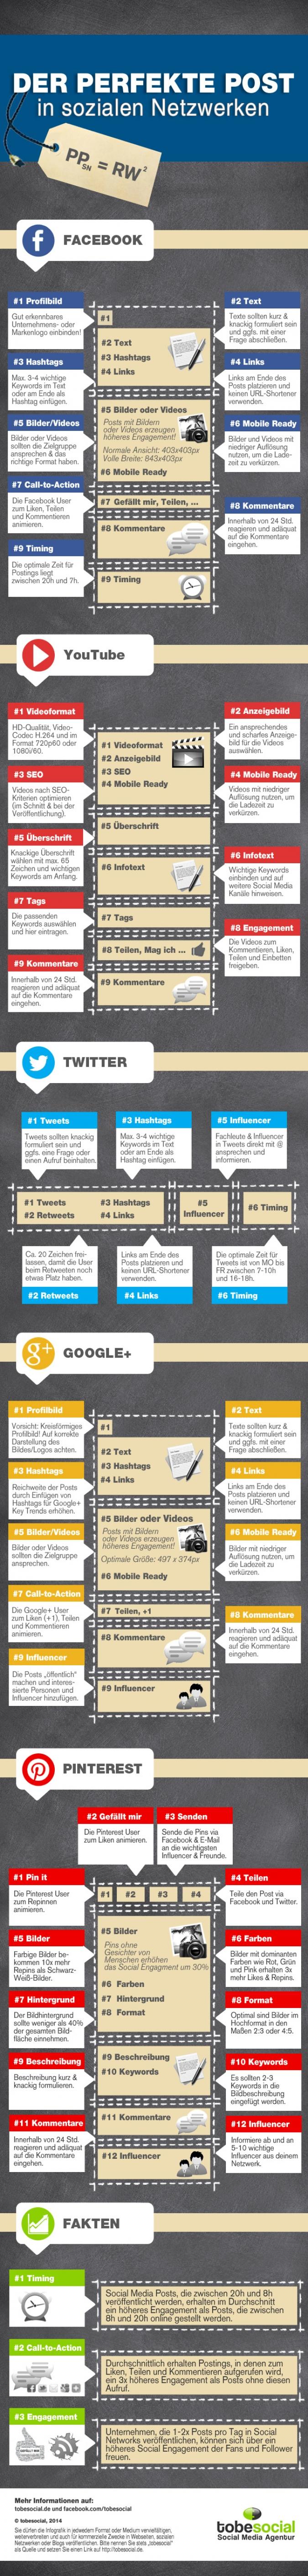 Die Infografik - Der perfekte Post in sozialen Medien - Die Posting Strategie für mehr Reichweite